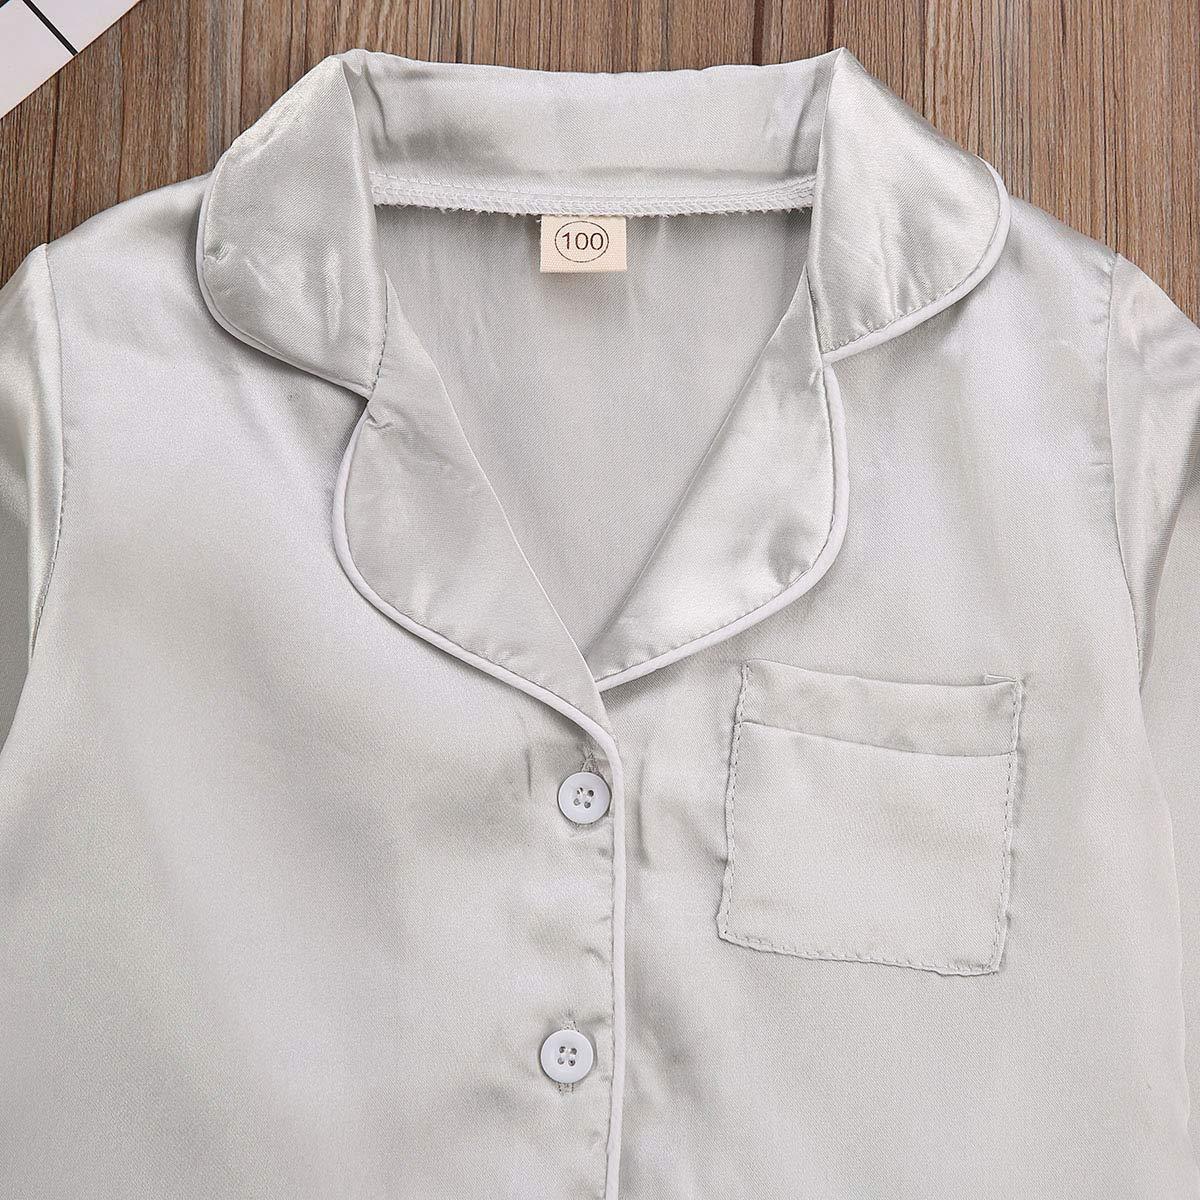 Toddler Baby Kids Silk Satin Pajamas Long Sleeve Button-Down Top Pant Sleepwear Nightwear Girls Boys Pjs